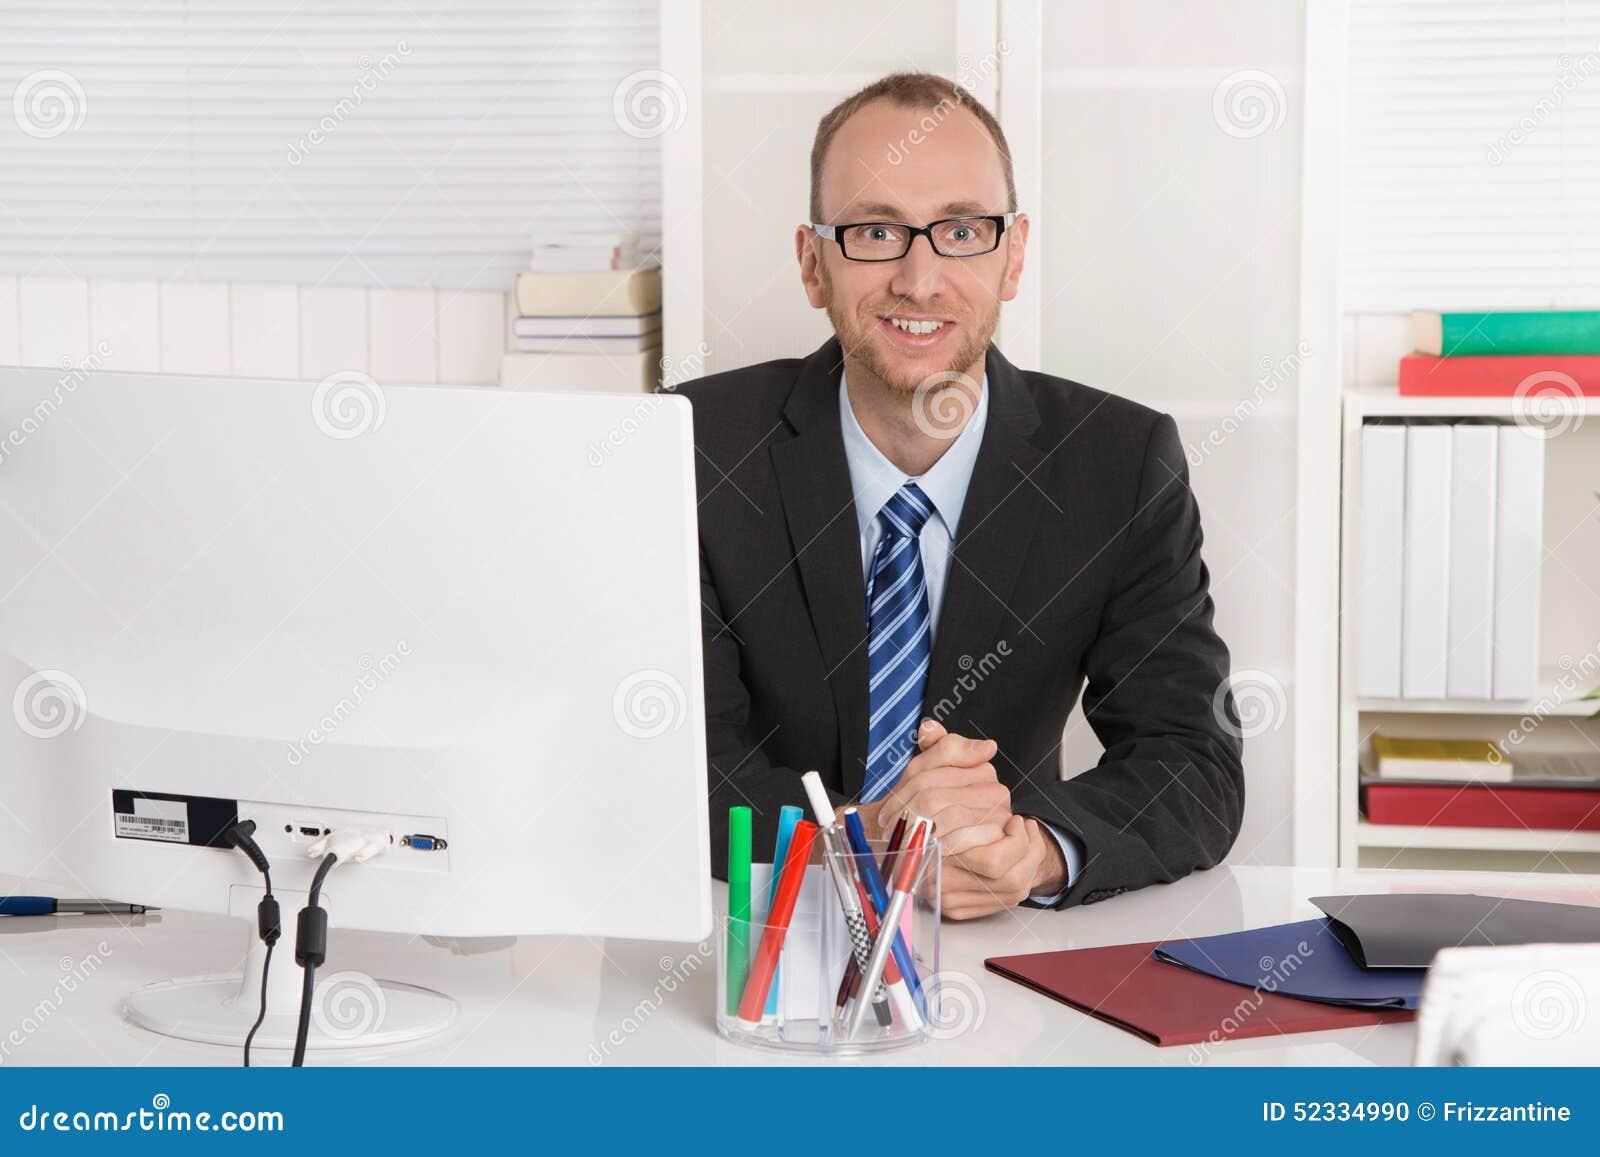 Portrait homme d 39 affaires s 39 asseyant dans son bureau for Bureau homme